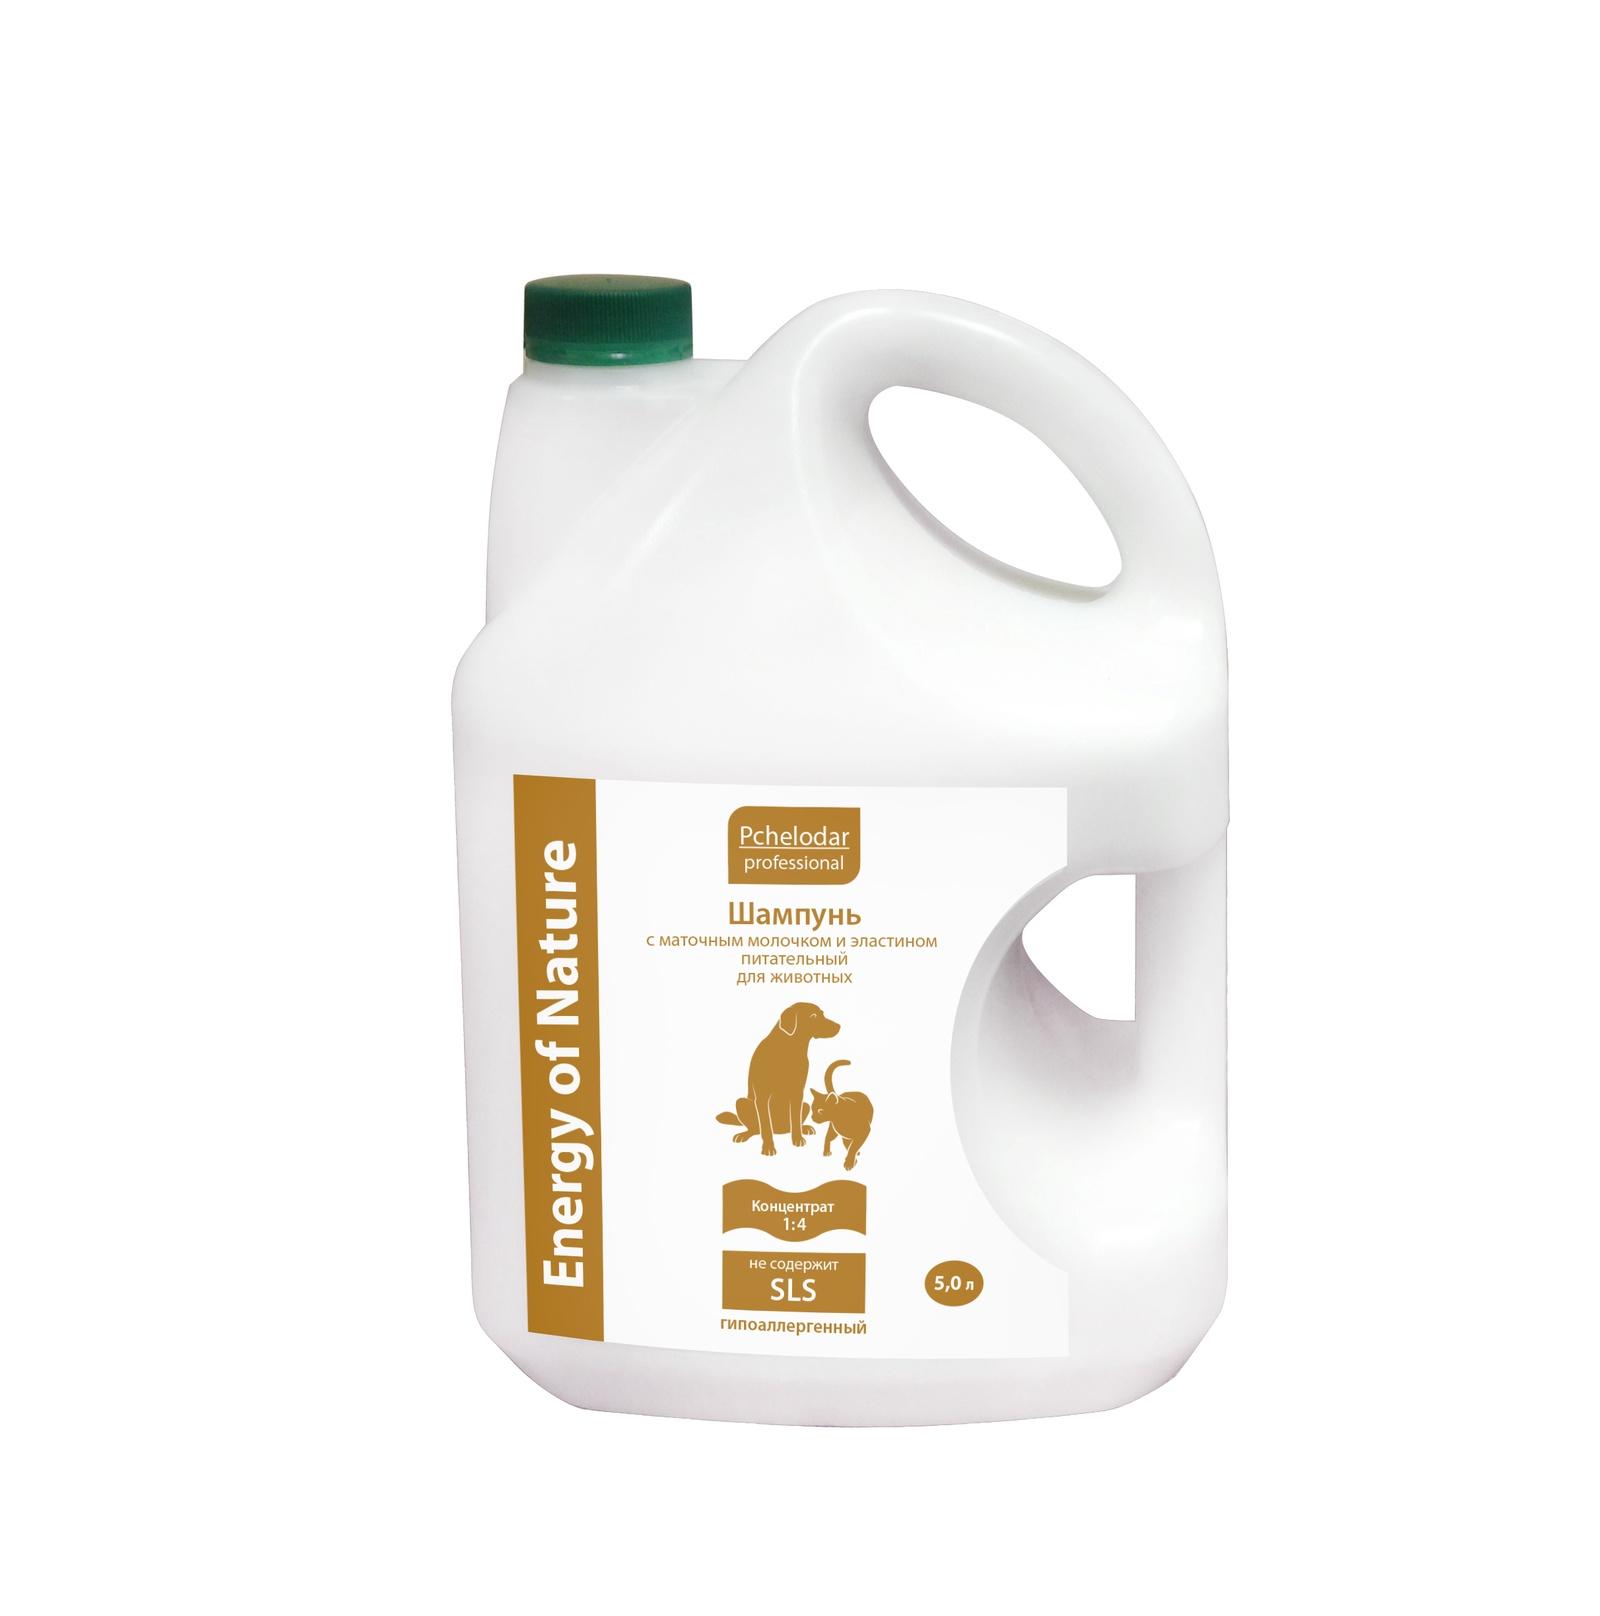 Пчелодар Шампунь питательный с маточным молочком и эластином Концентрат 1:4 шампунь для животных пчелодар 63290